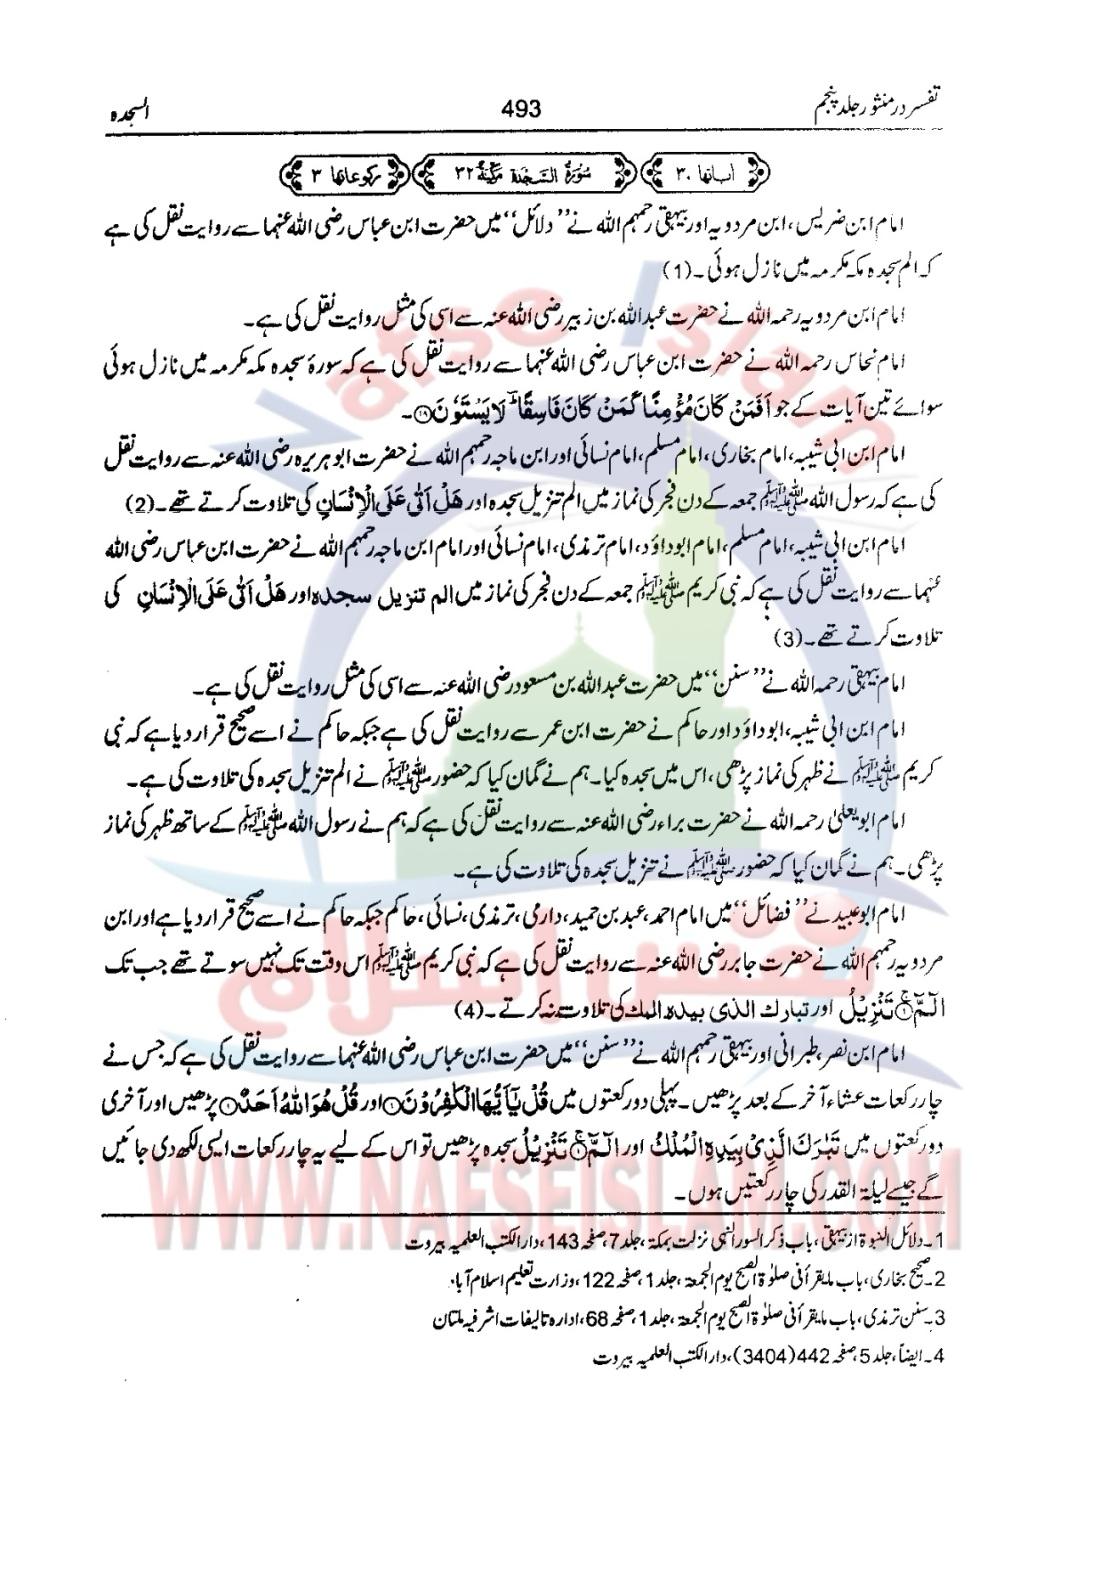 tafsir-dur-al-manthur-suyuti-urdu-pdf